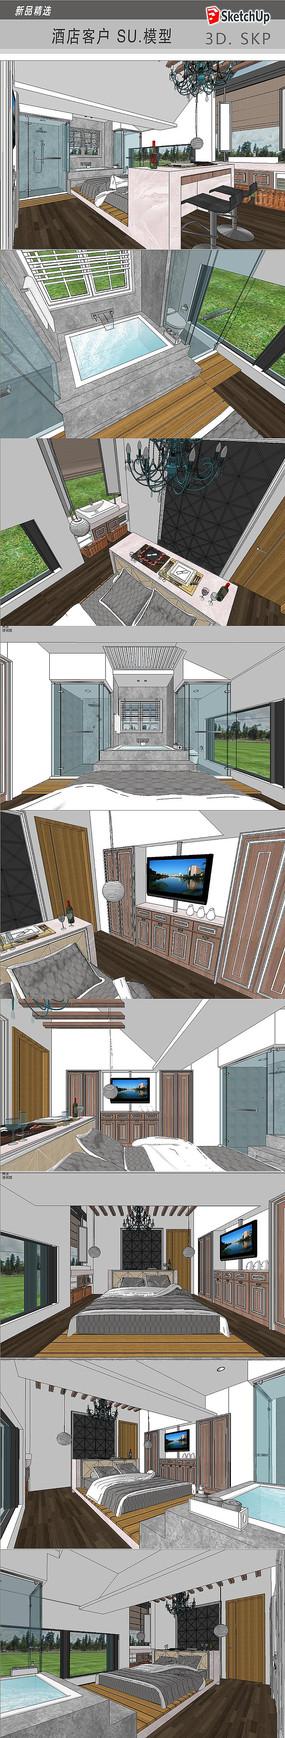 酒店客房设计模型